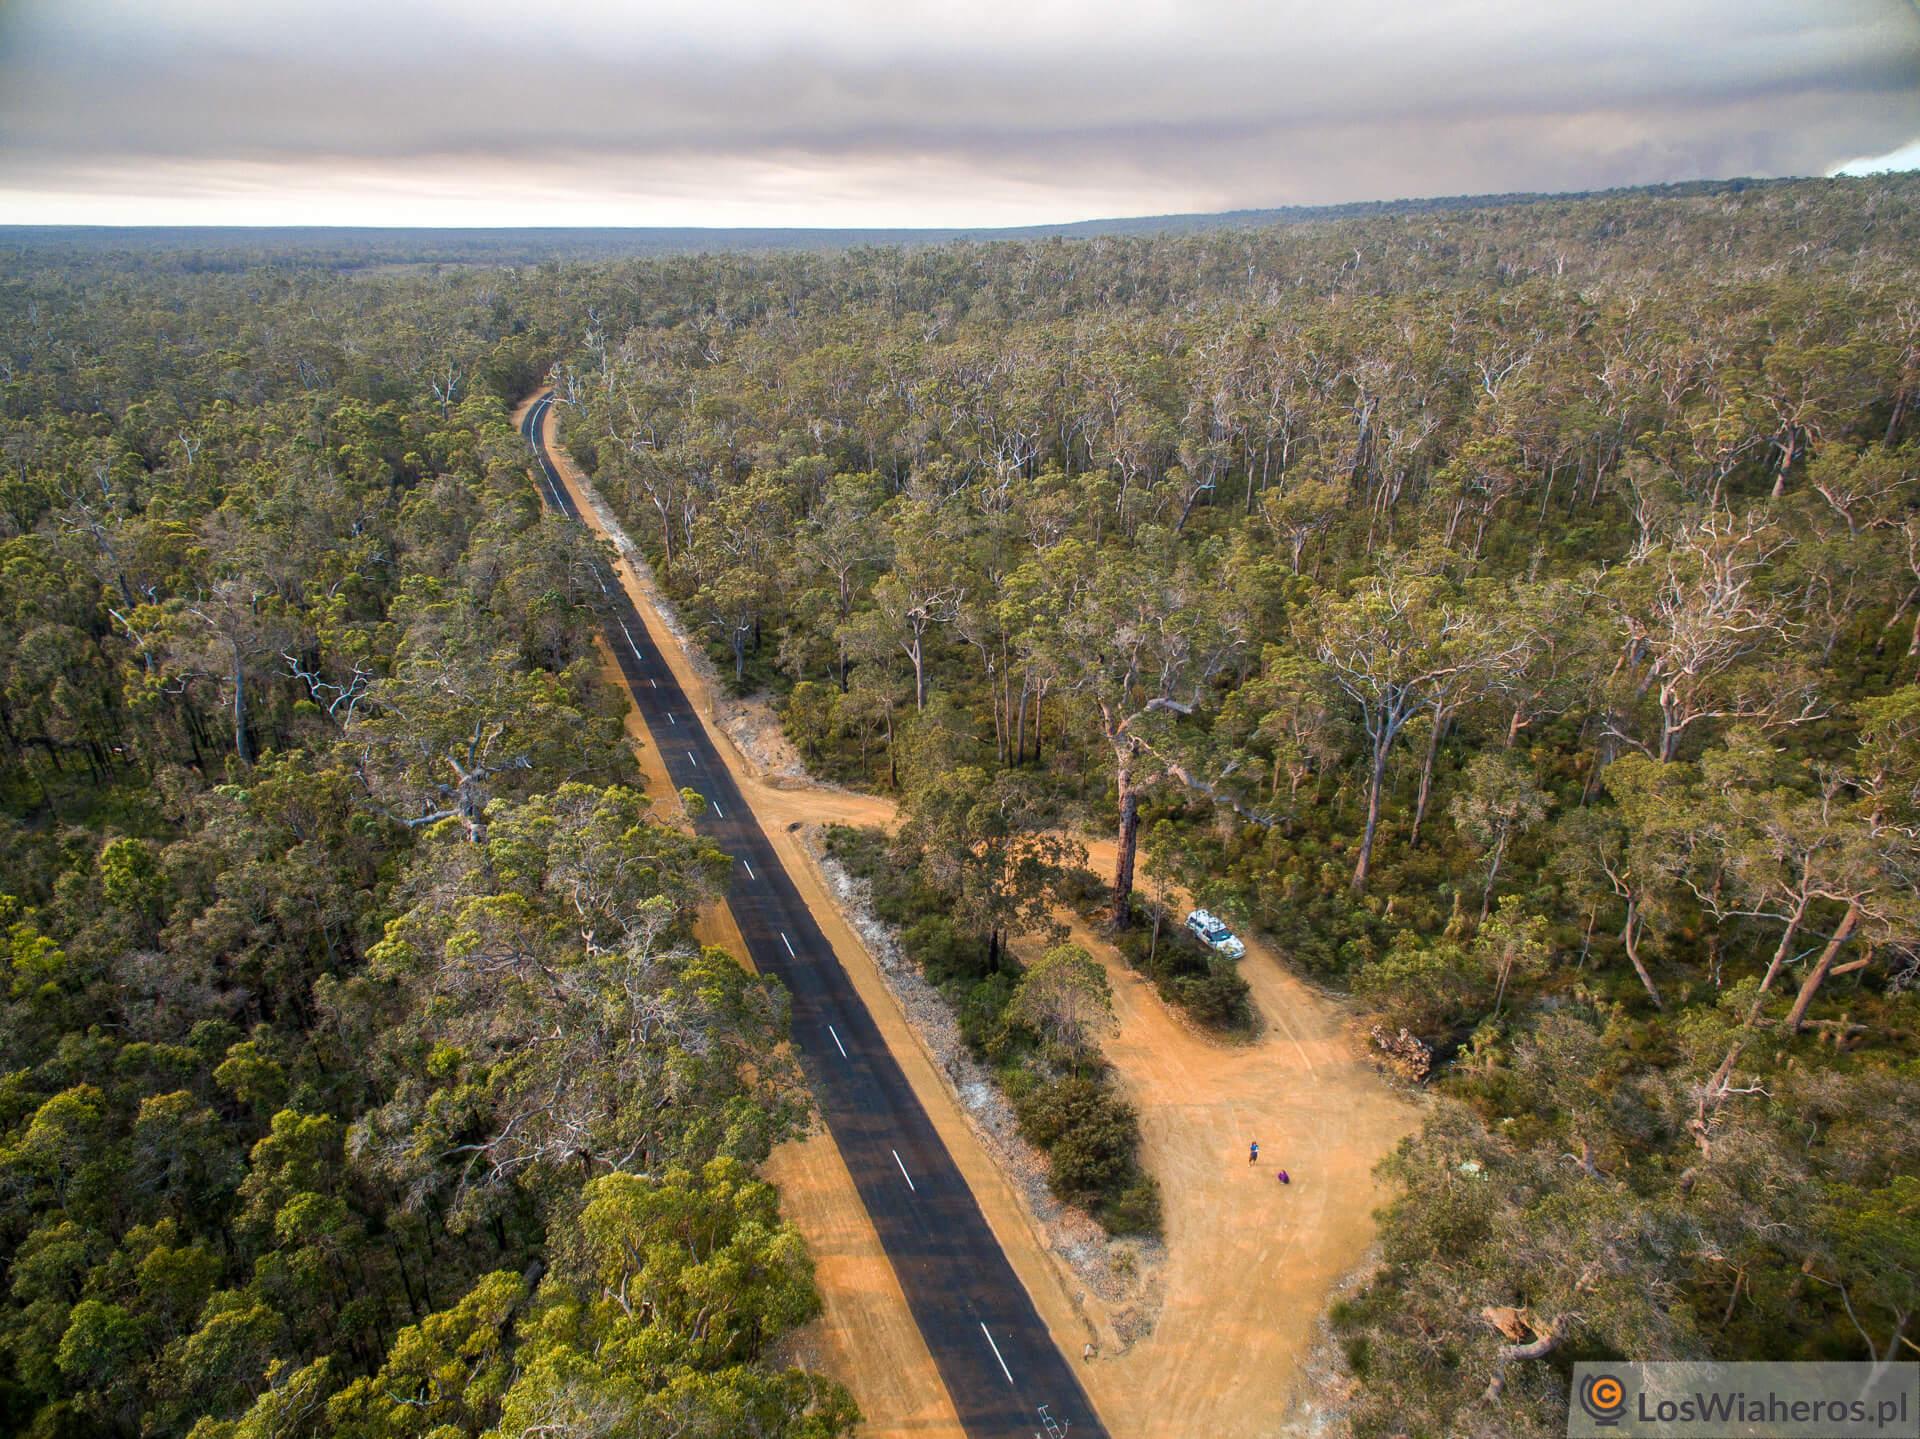 Pożar buszu w Australii Zachodniej